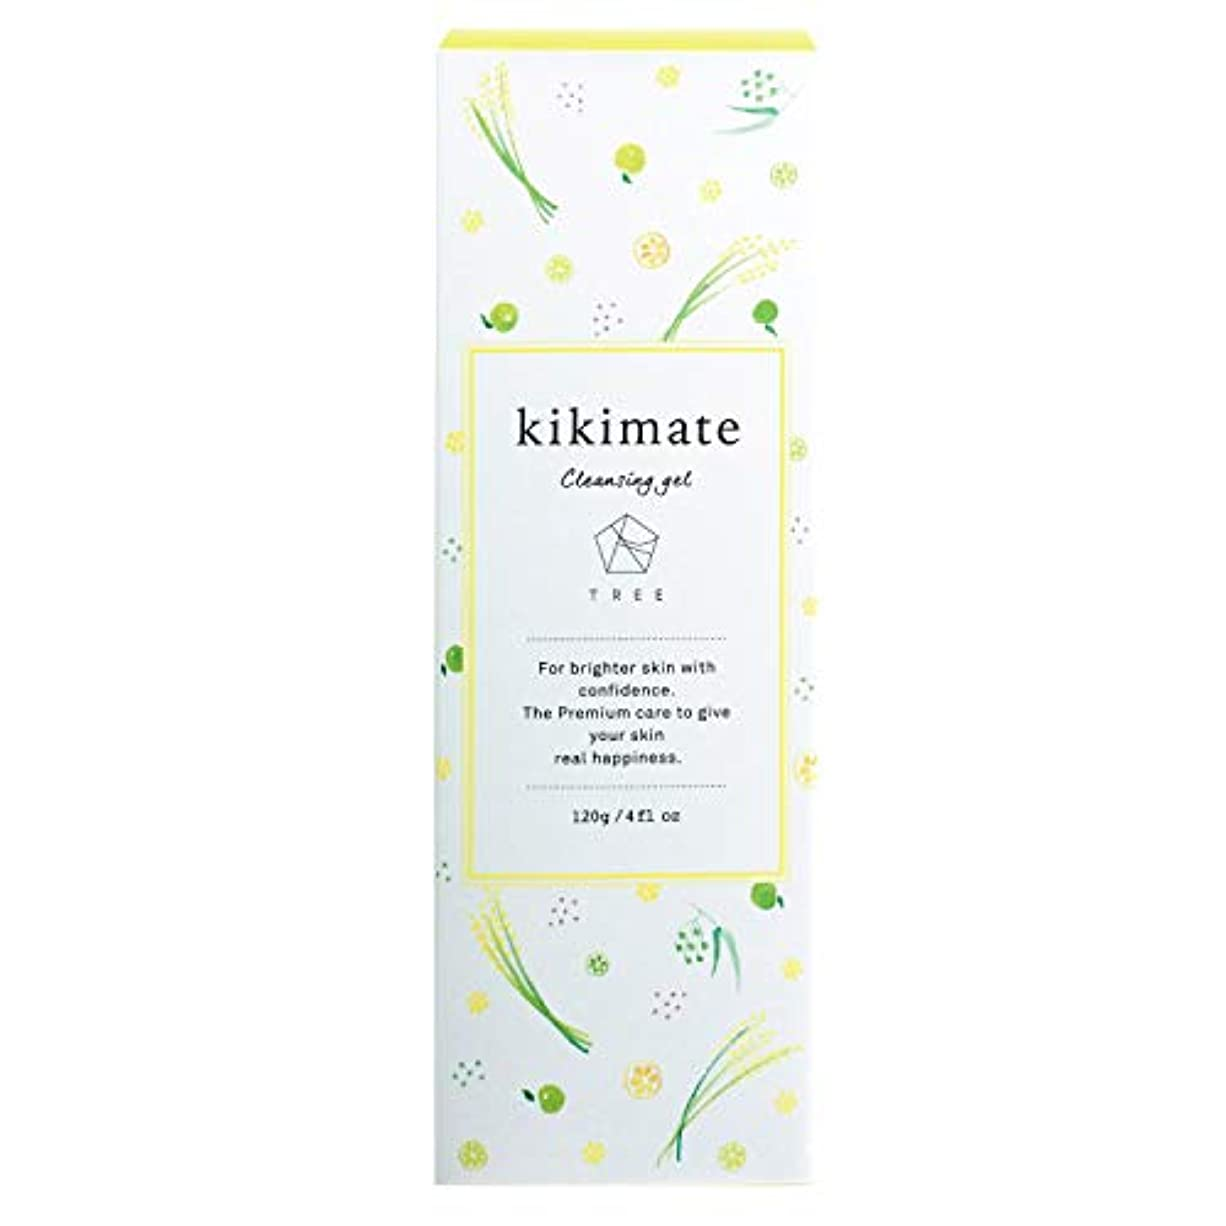 春マナーリーズ< kikimate クレンジングジェル > キキメイト 低刺激 オーガニック スキンケア 洗顔 120g ~毛穴?黒ずみに優しくアプローチ~